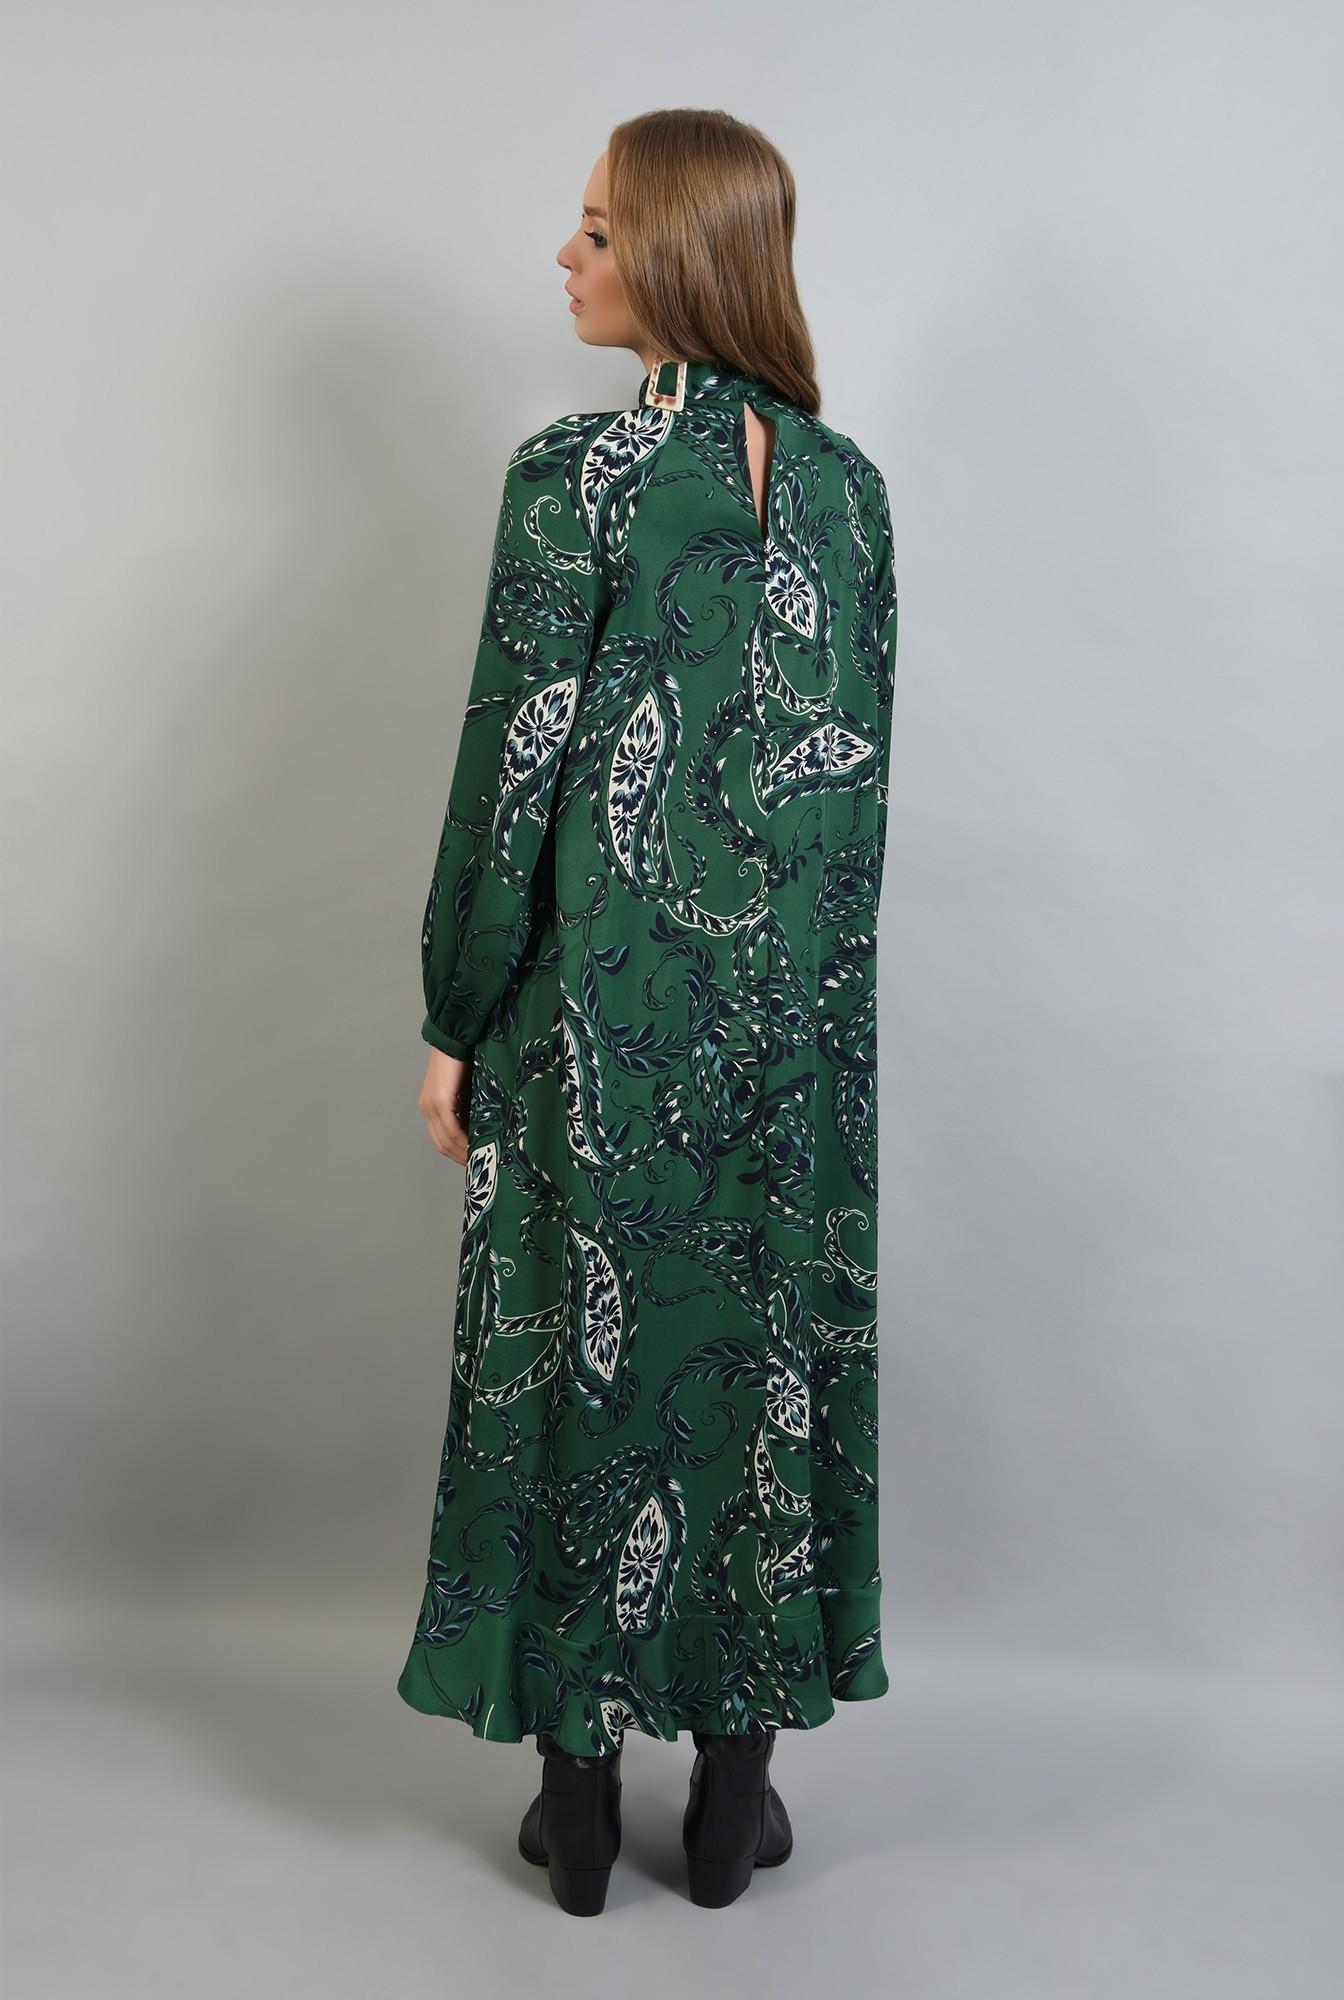 2 - 360 - rochie lunga verde, cu imprimeu, Poema